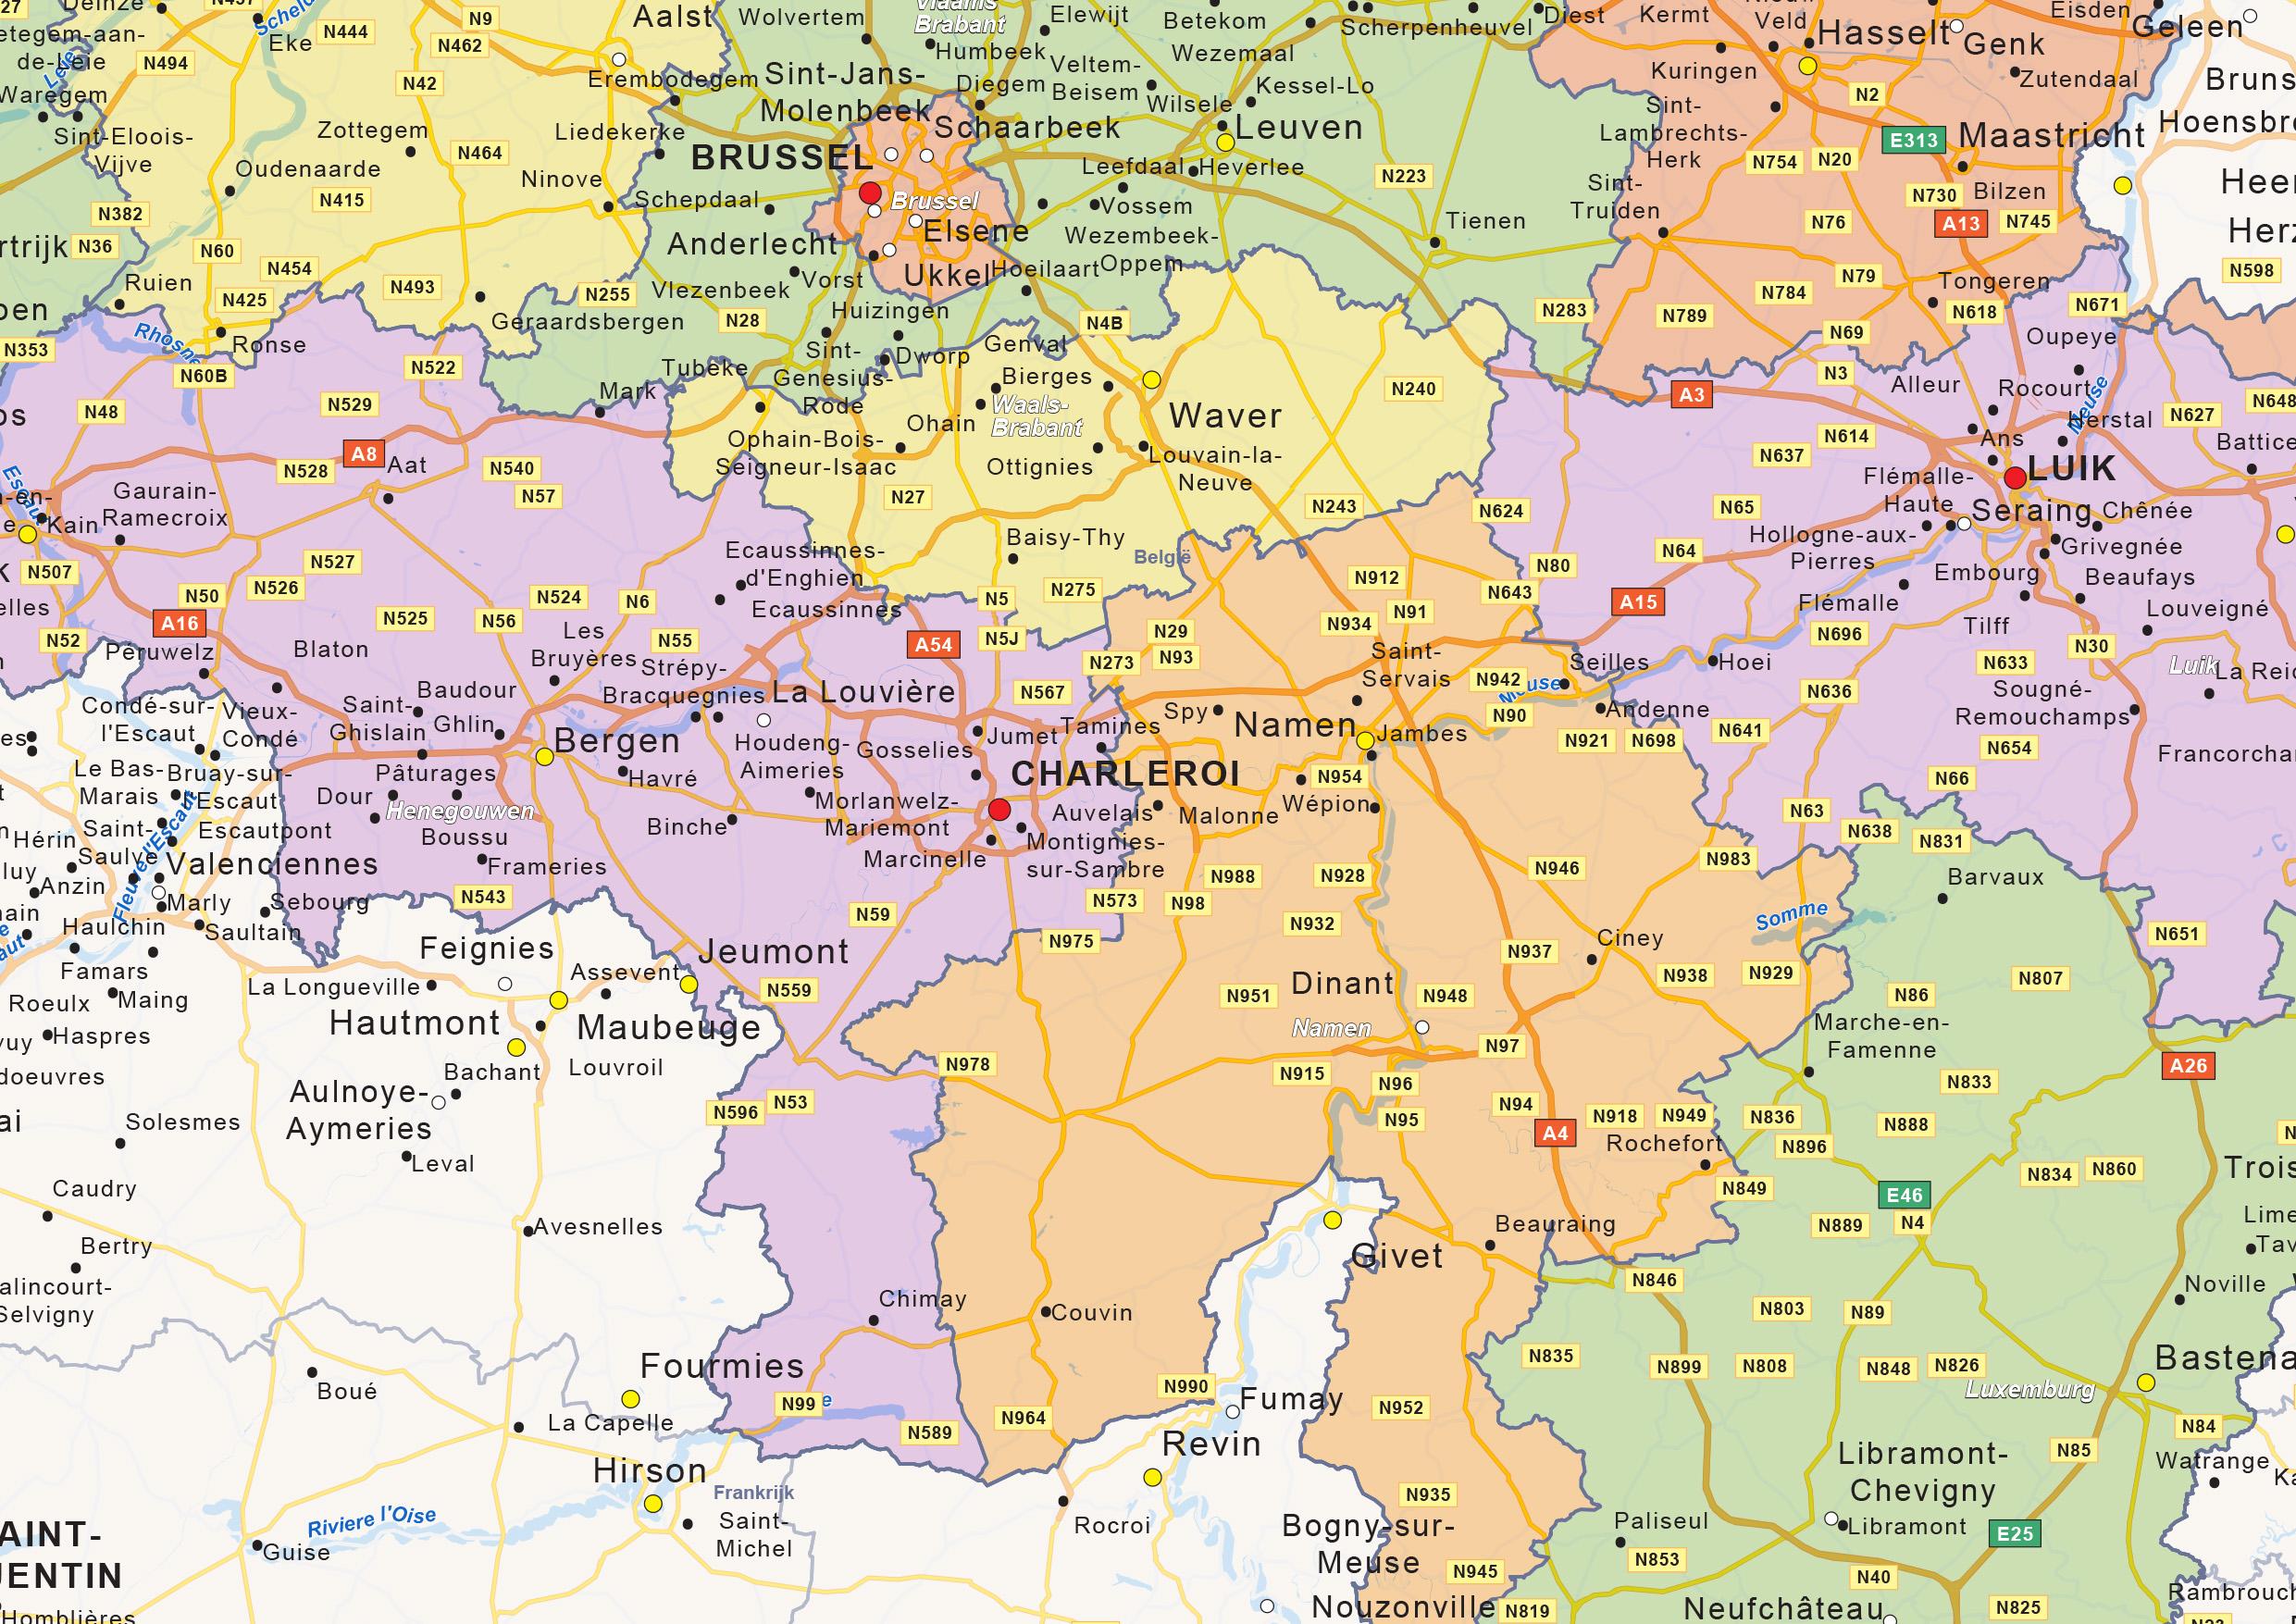 Digital Political Map Of Belgium The World Of Mapscom - Geleen map